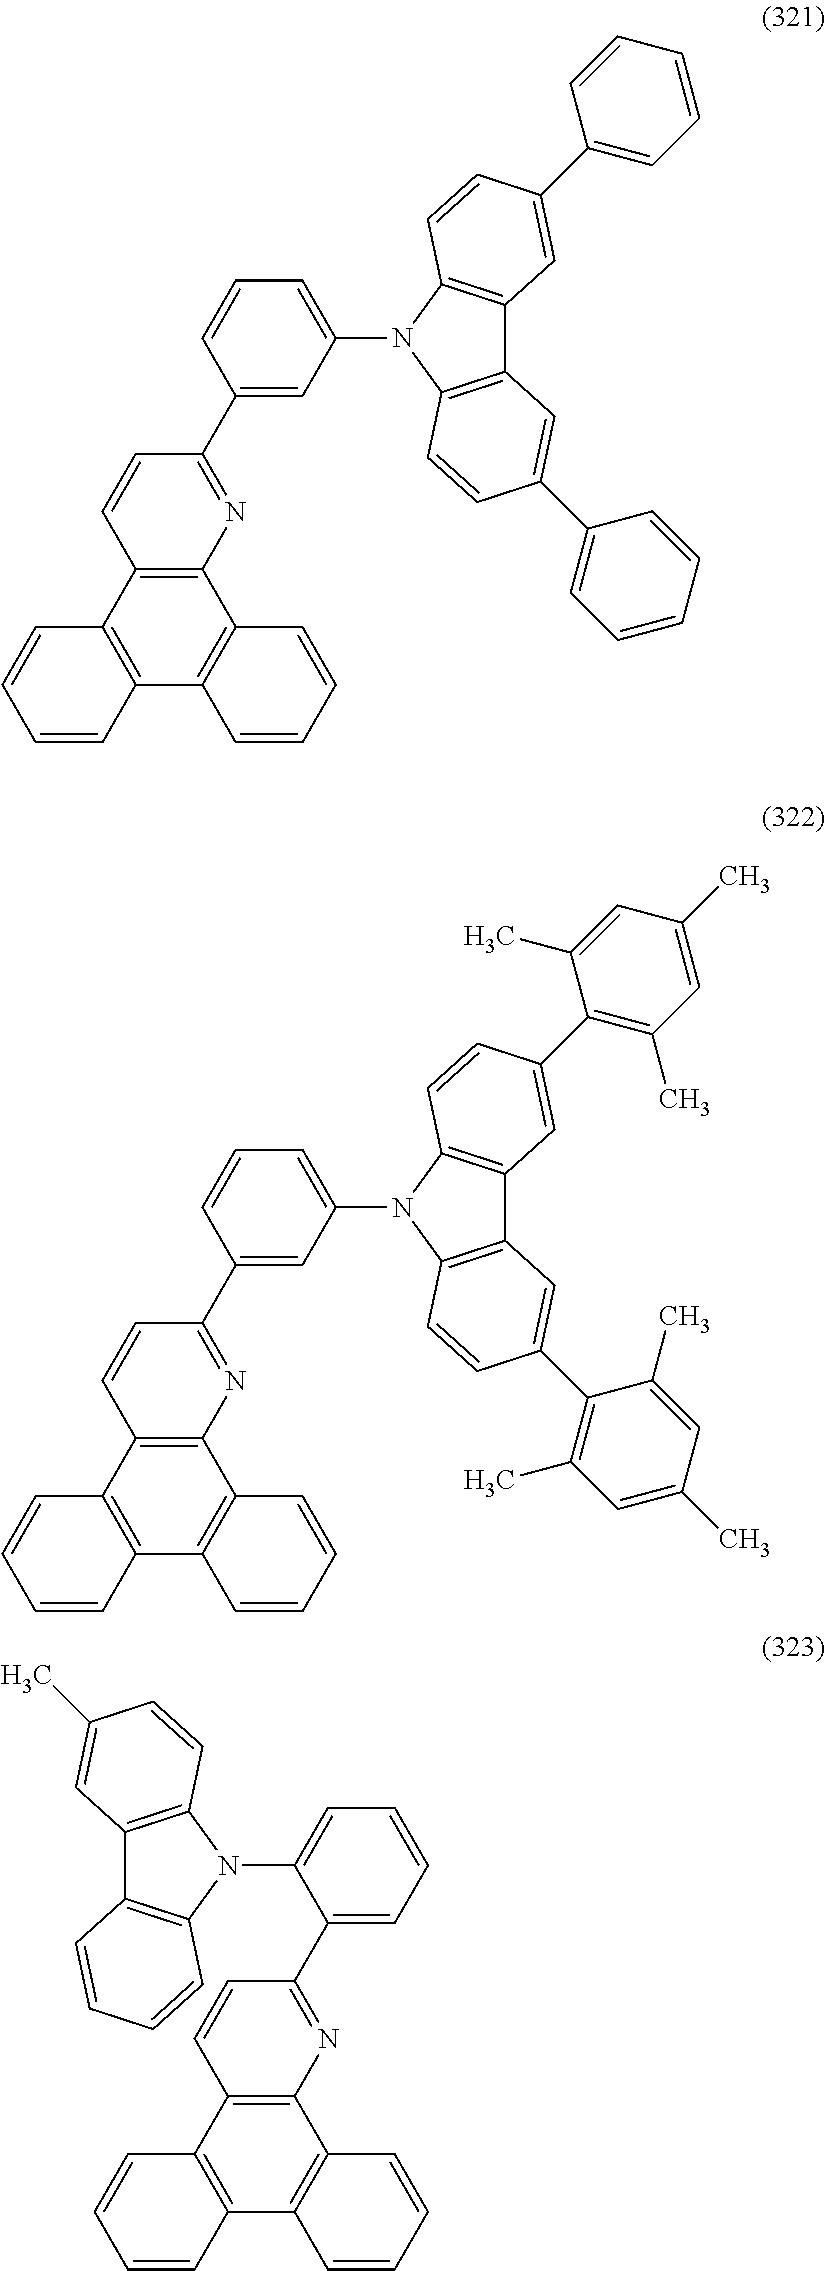 Figure US09843000-20171212-C00057